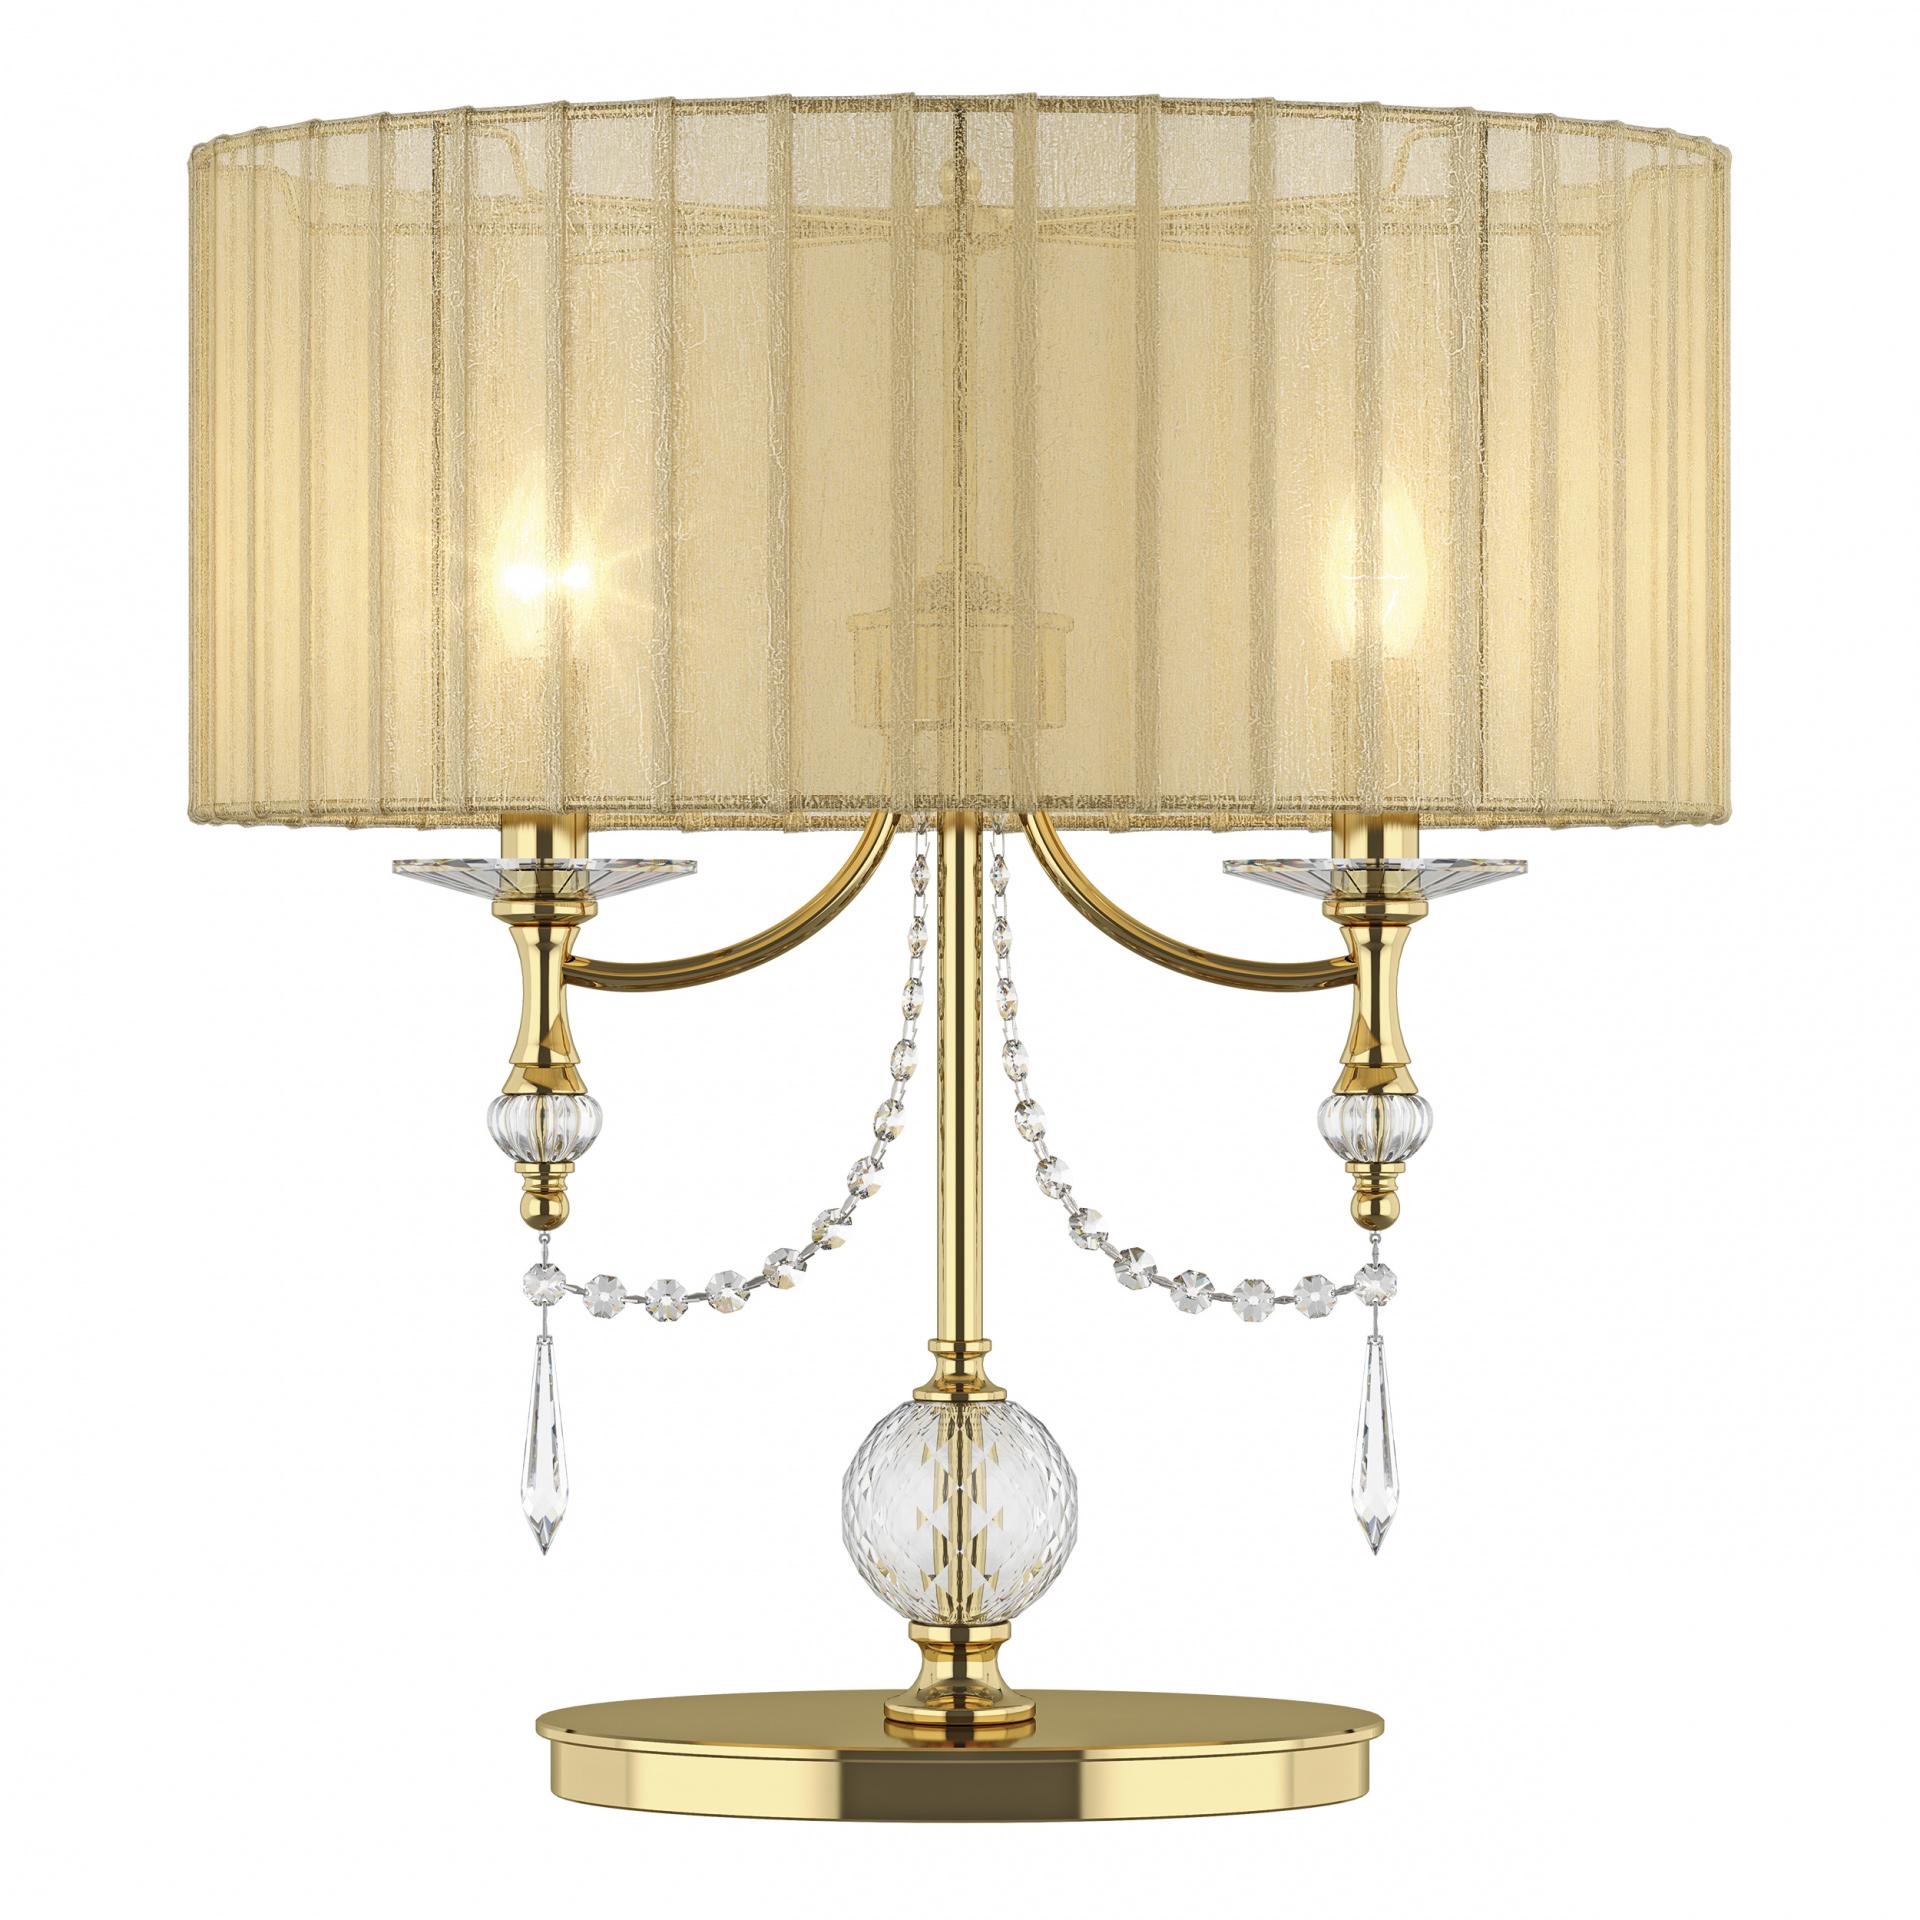 Настольная лампа ParAlume 2х40W E14 золото Lightstar 725923, купить в СПб, Москве, с доставкой, Санкт-Петербург, интернет-магазин люстр и светильников Starlight, фото в жизни